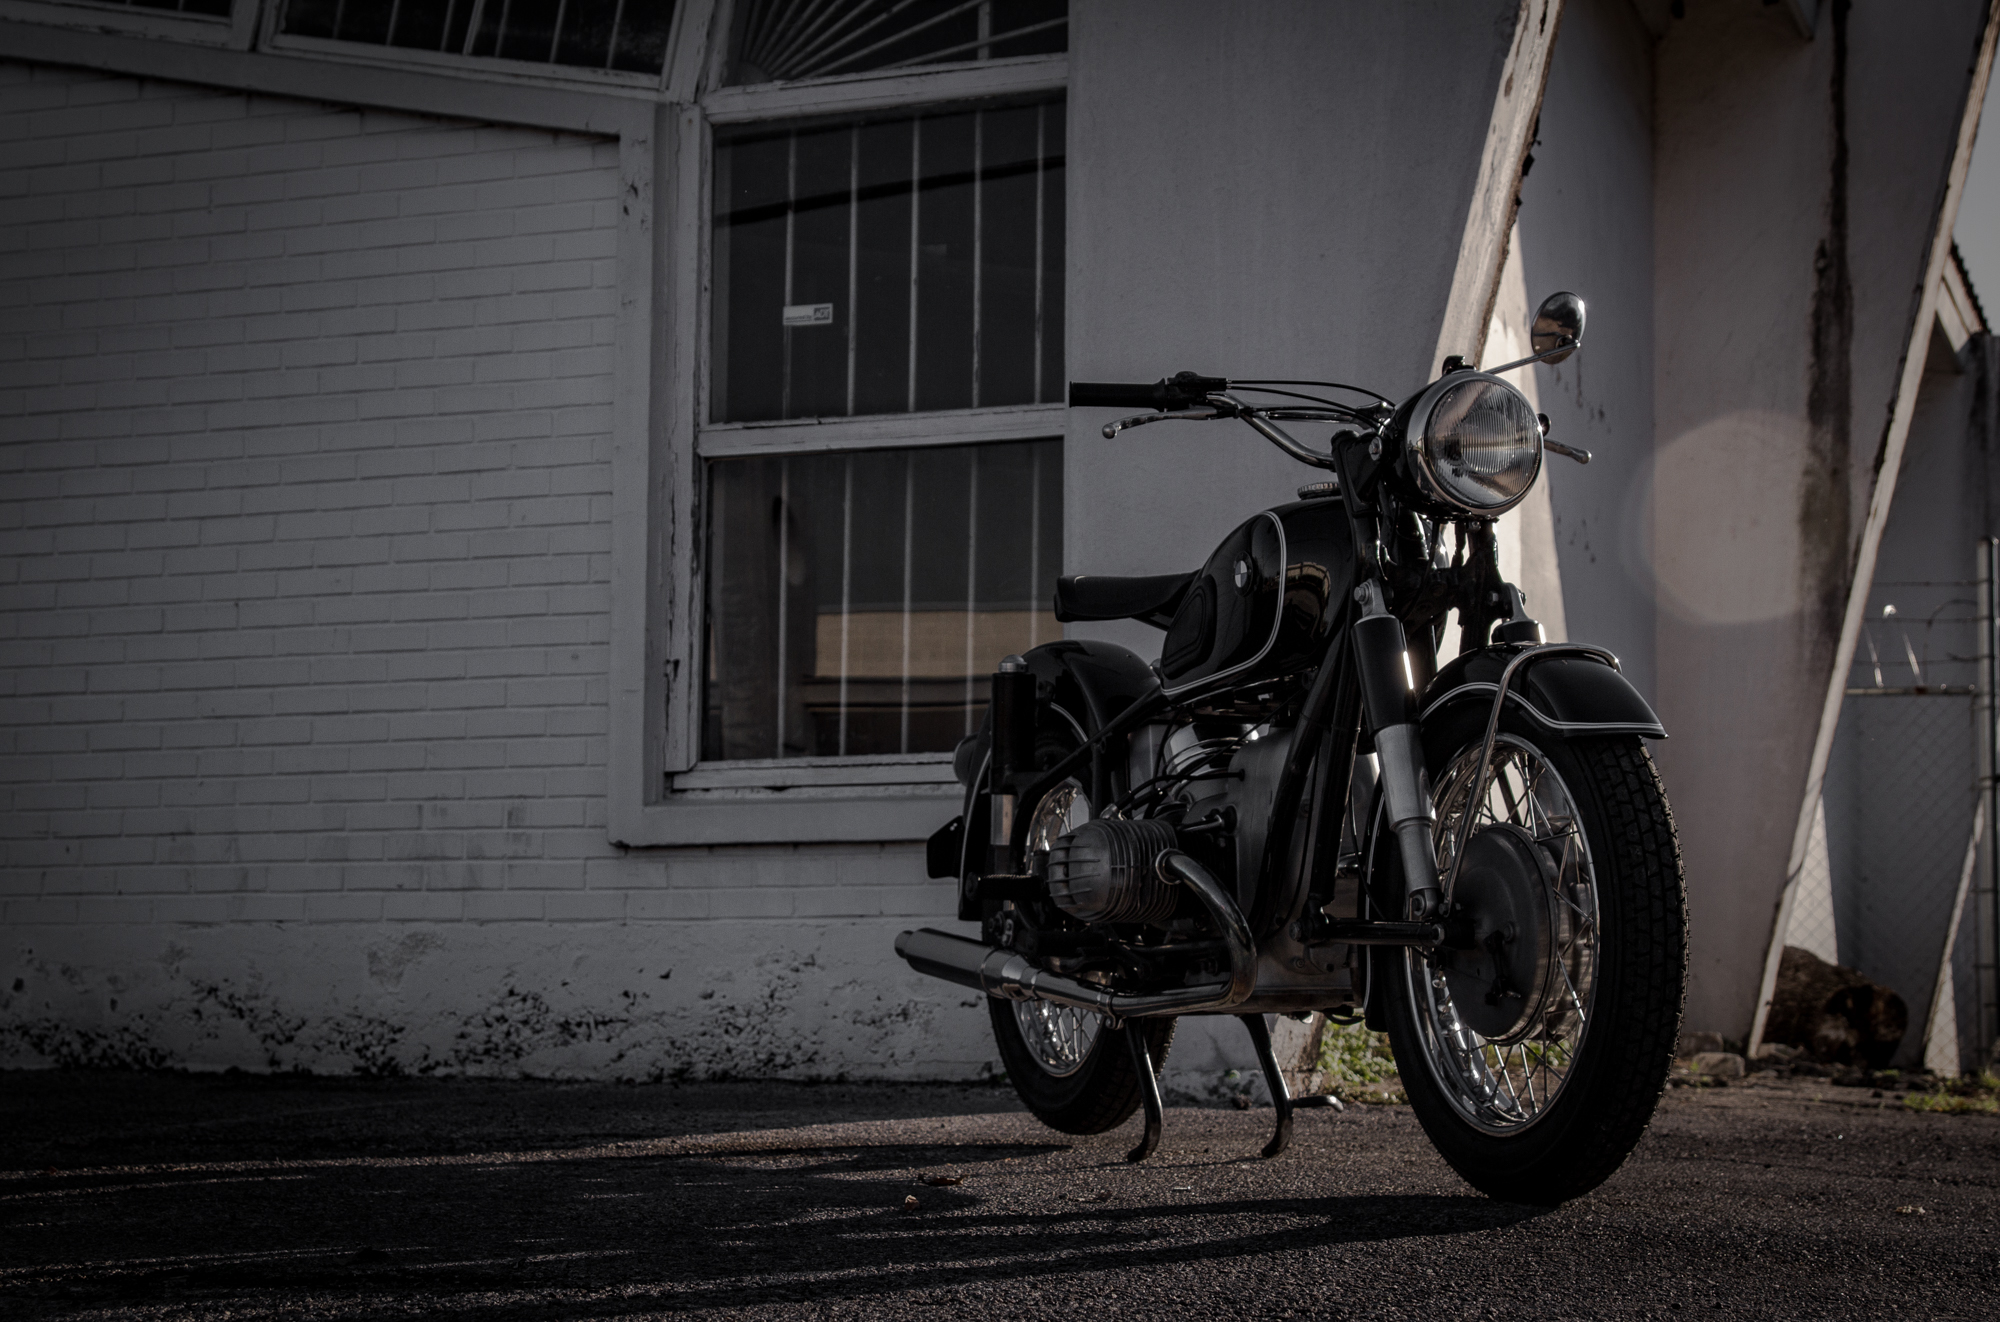 ATX moto blk bike-5.jpg